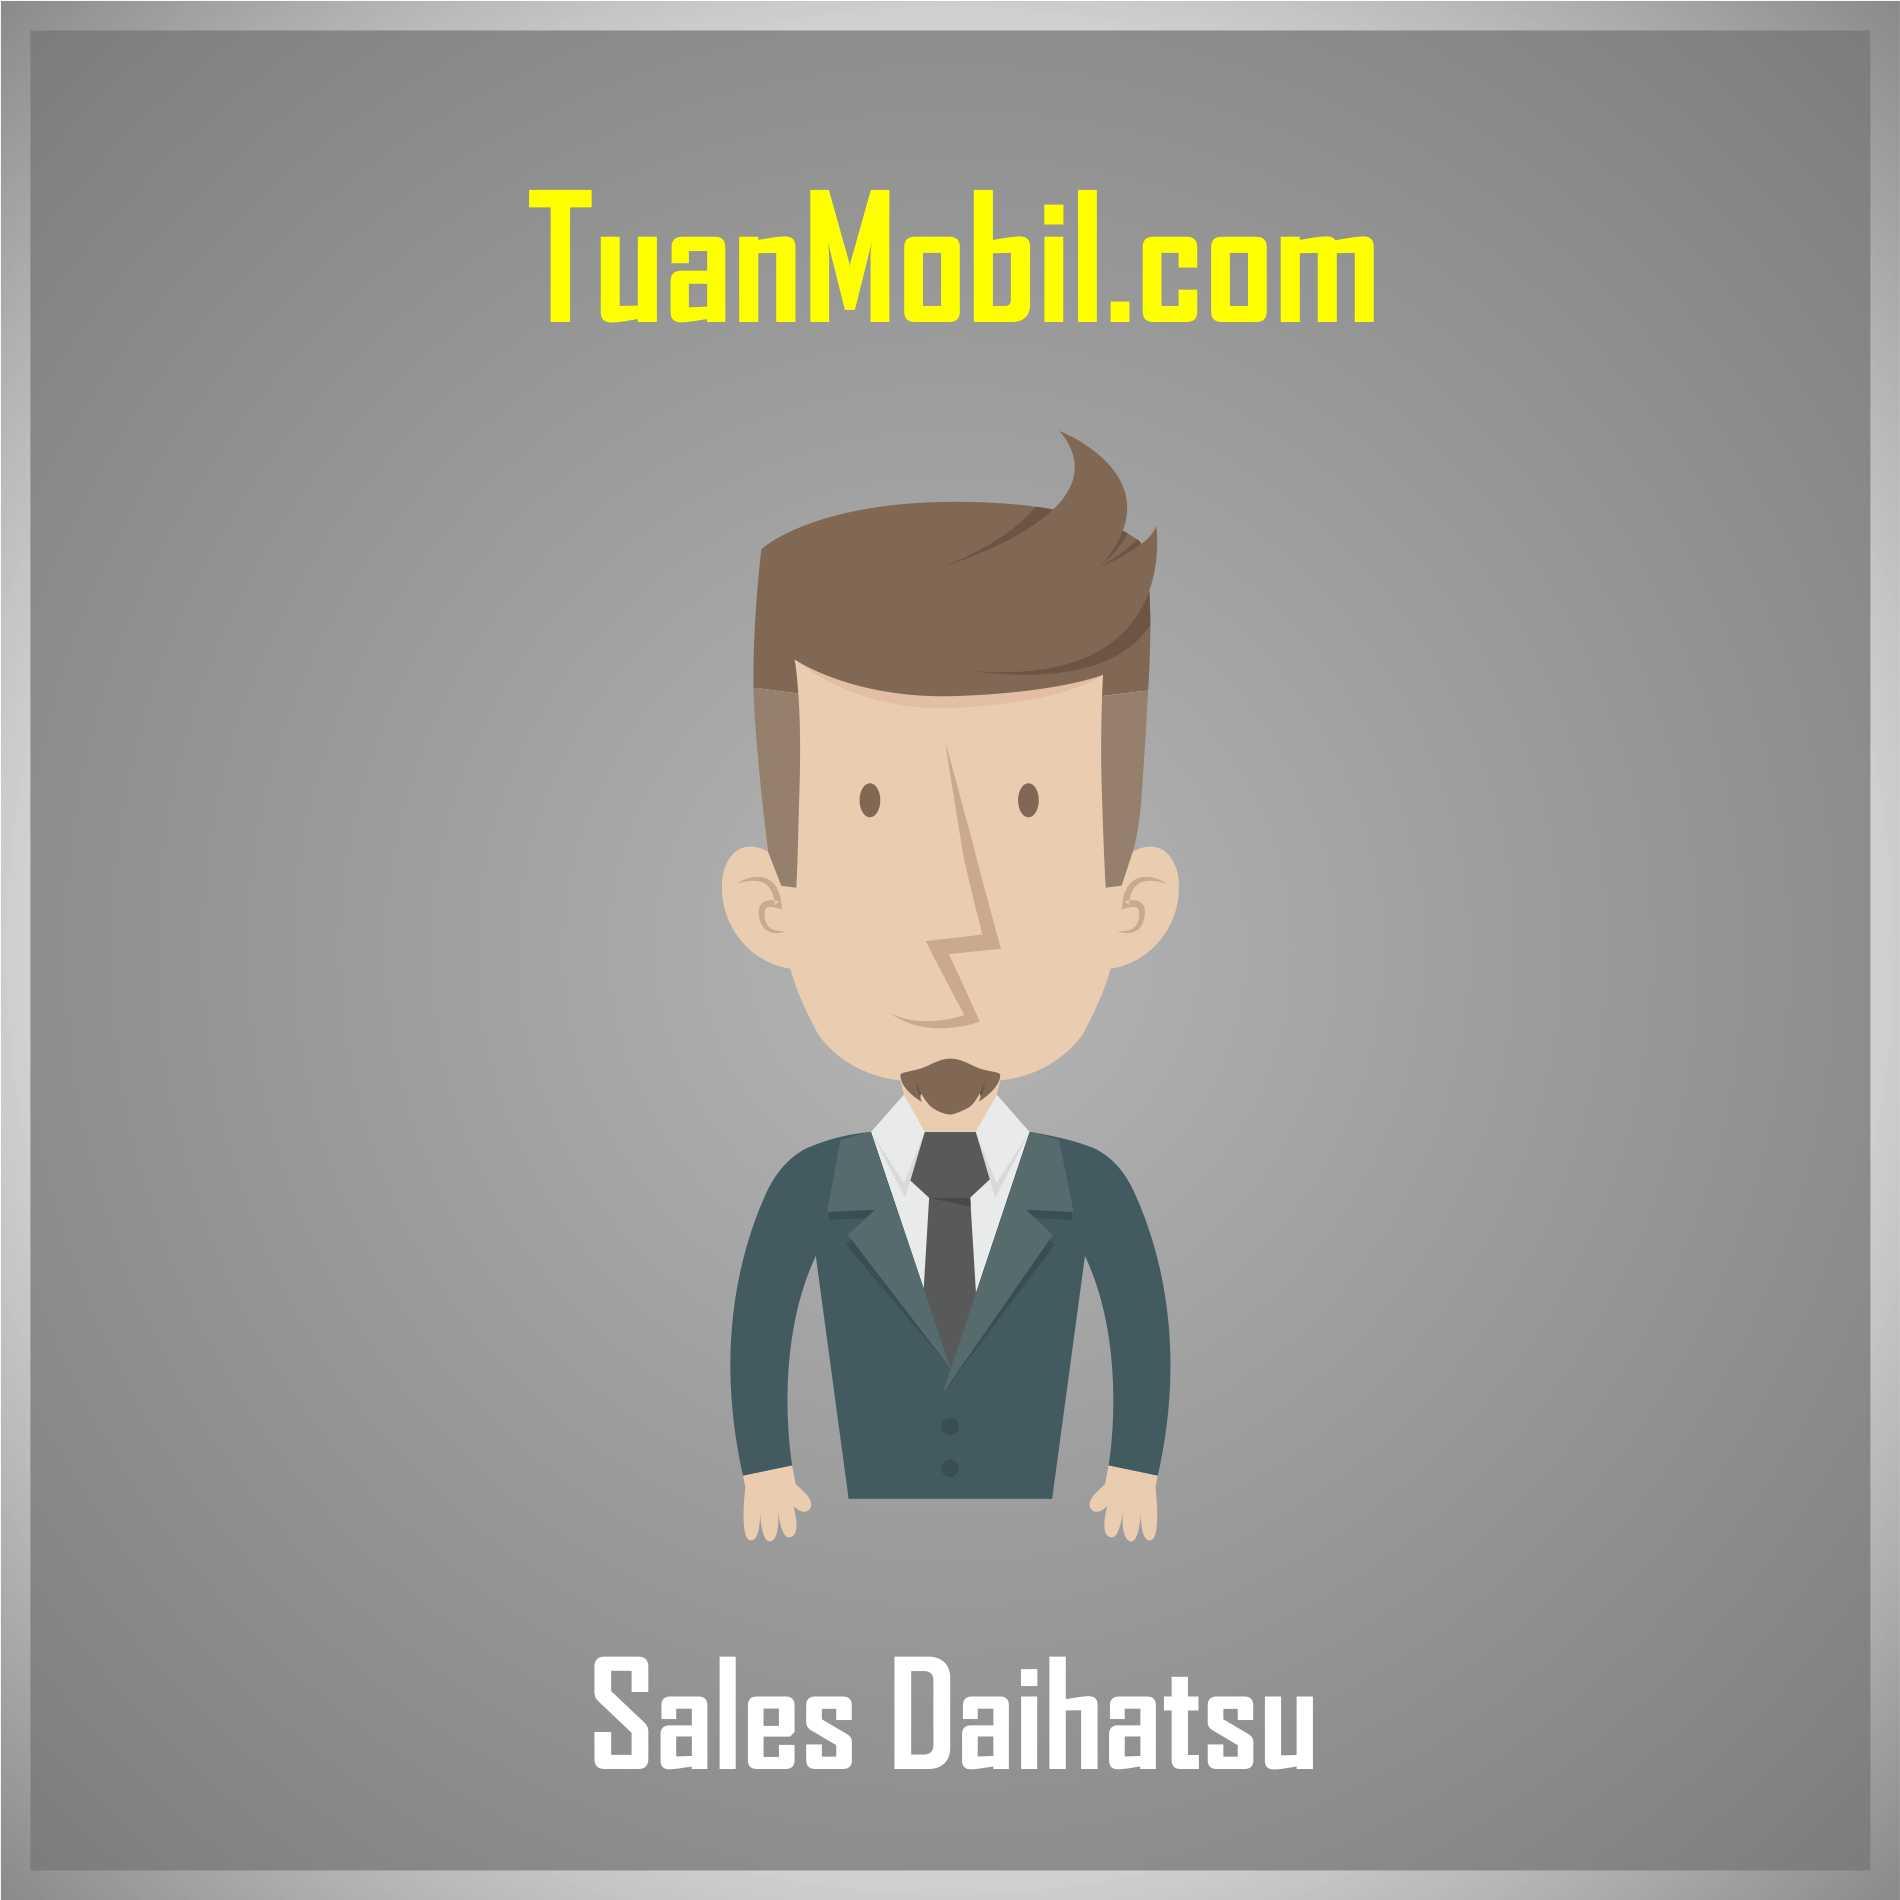 Sales Daihatsu koja